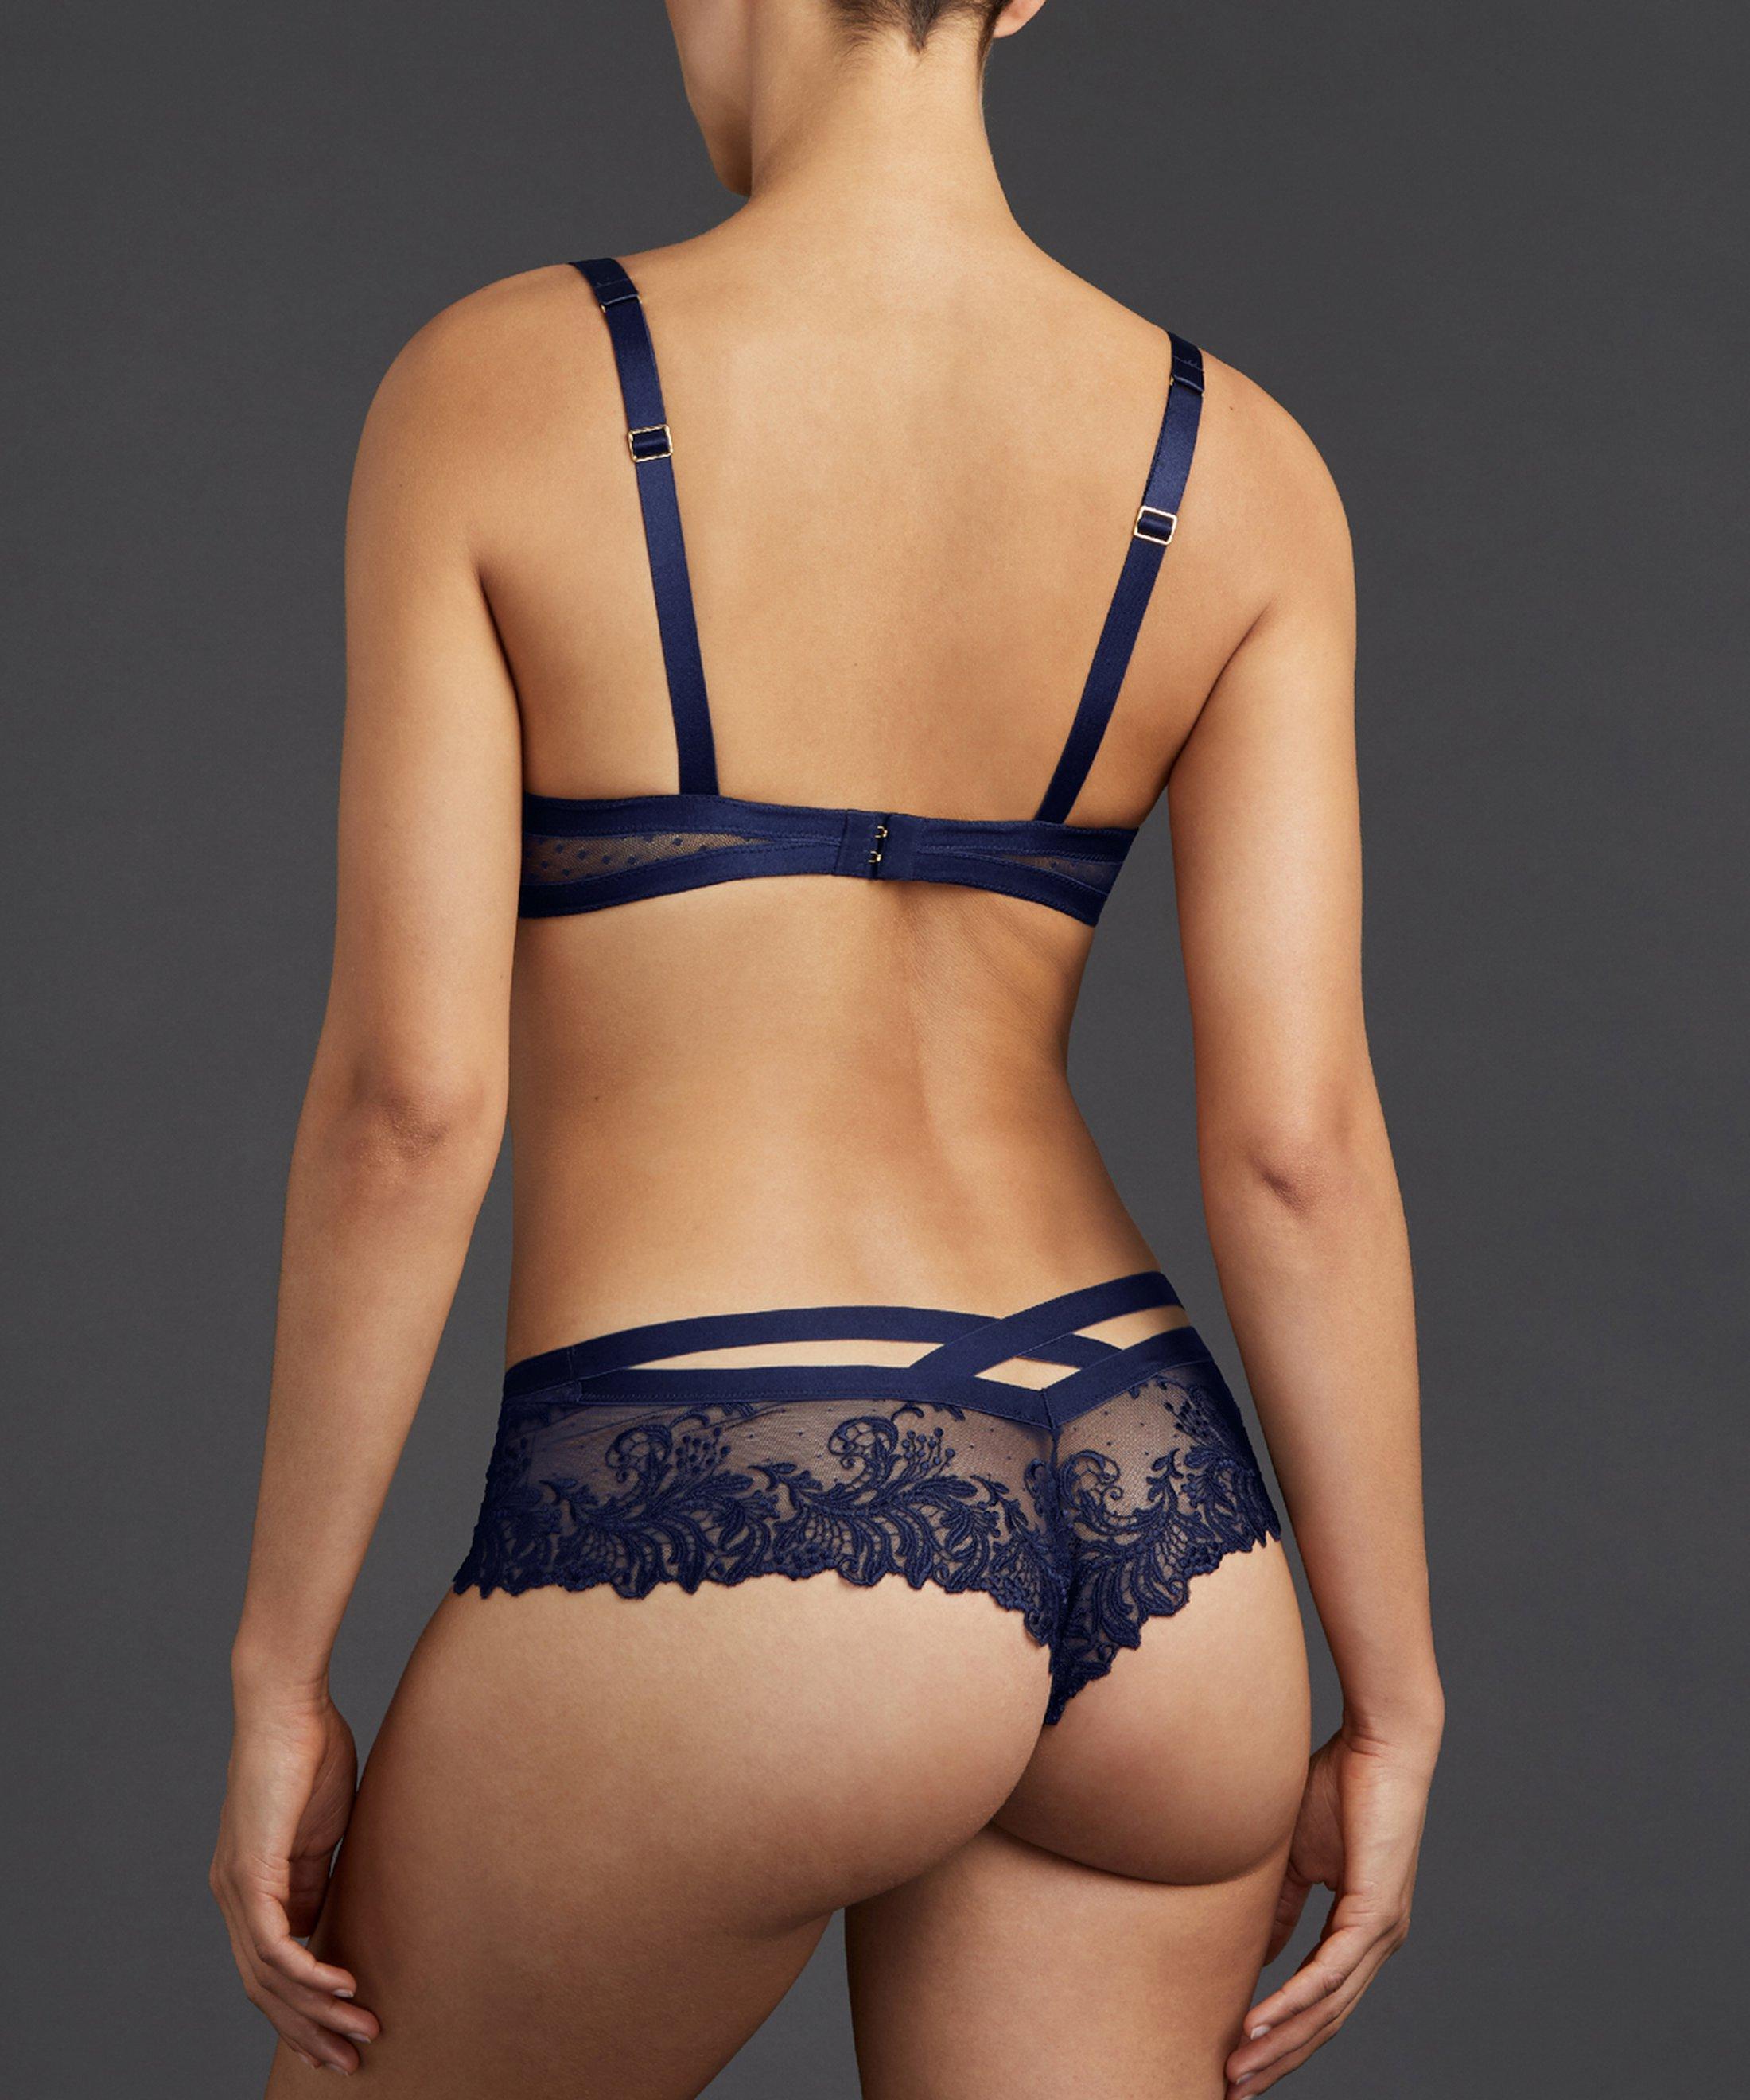 FEMME PASSION Half cup bra Crépuscule Blue | Aubade